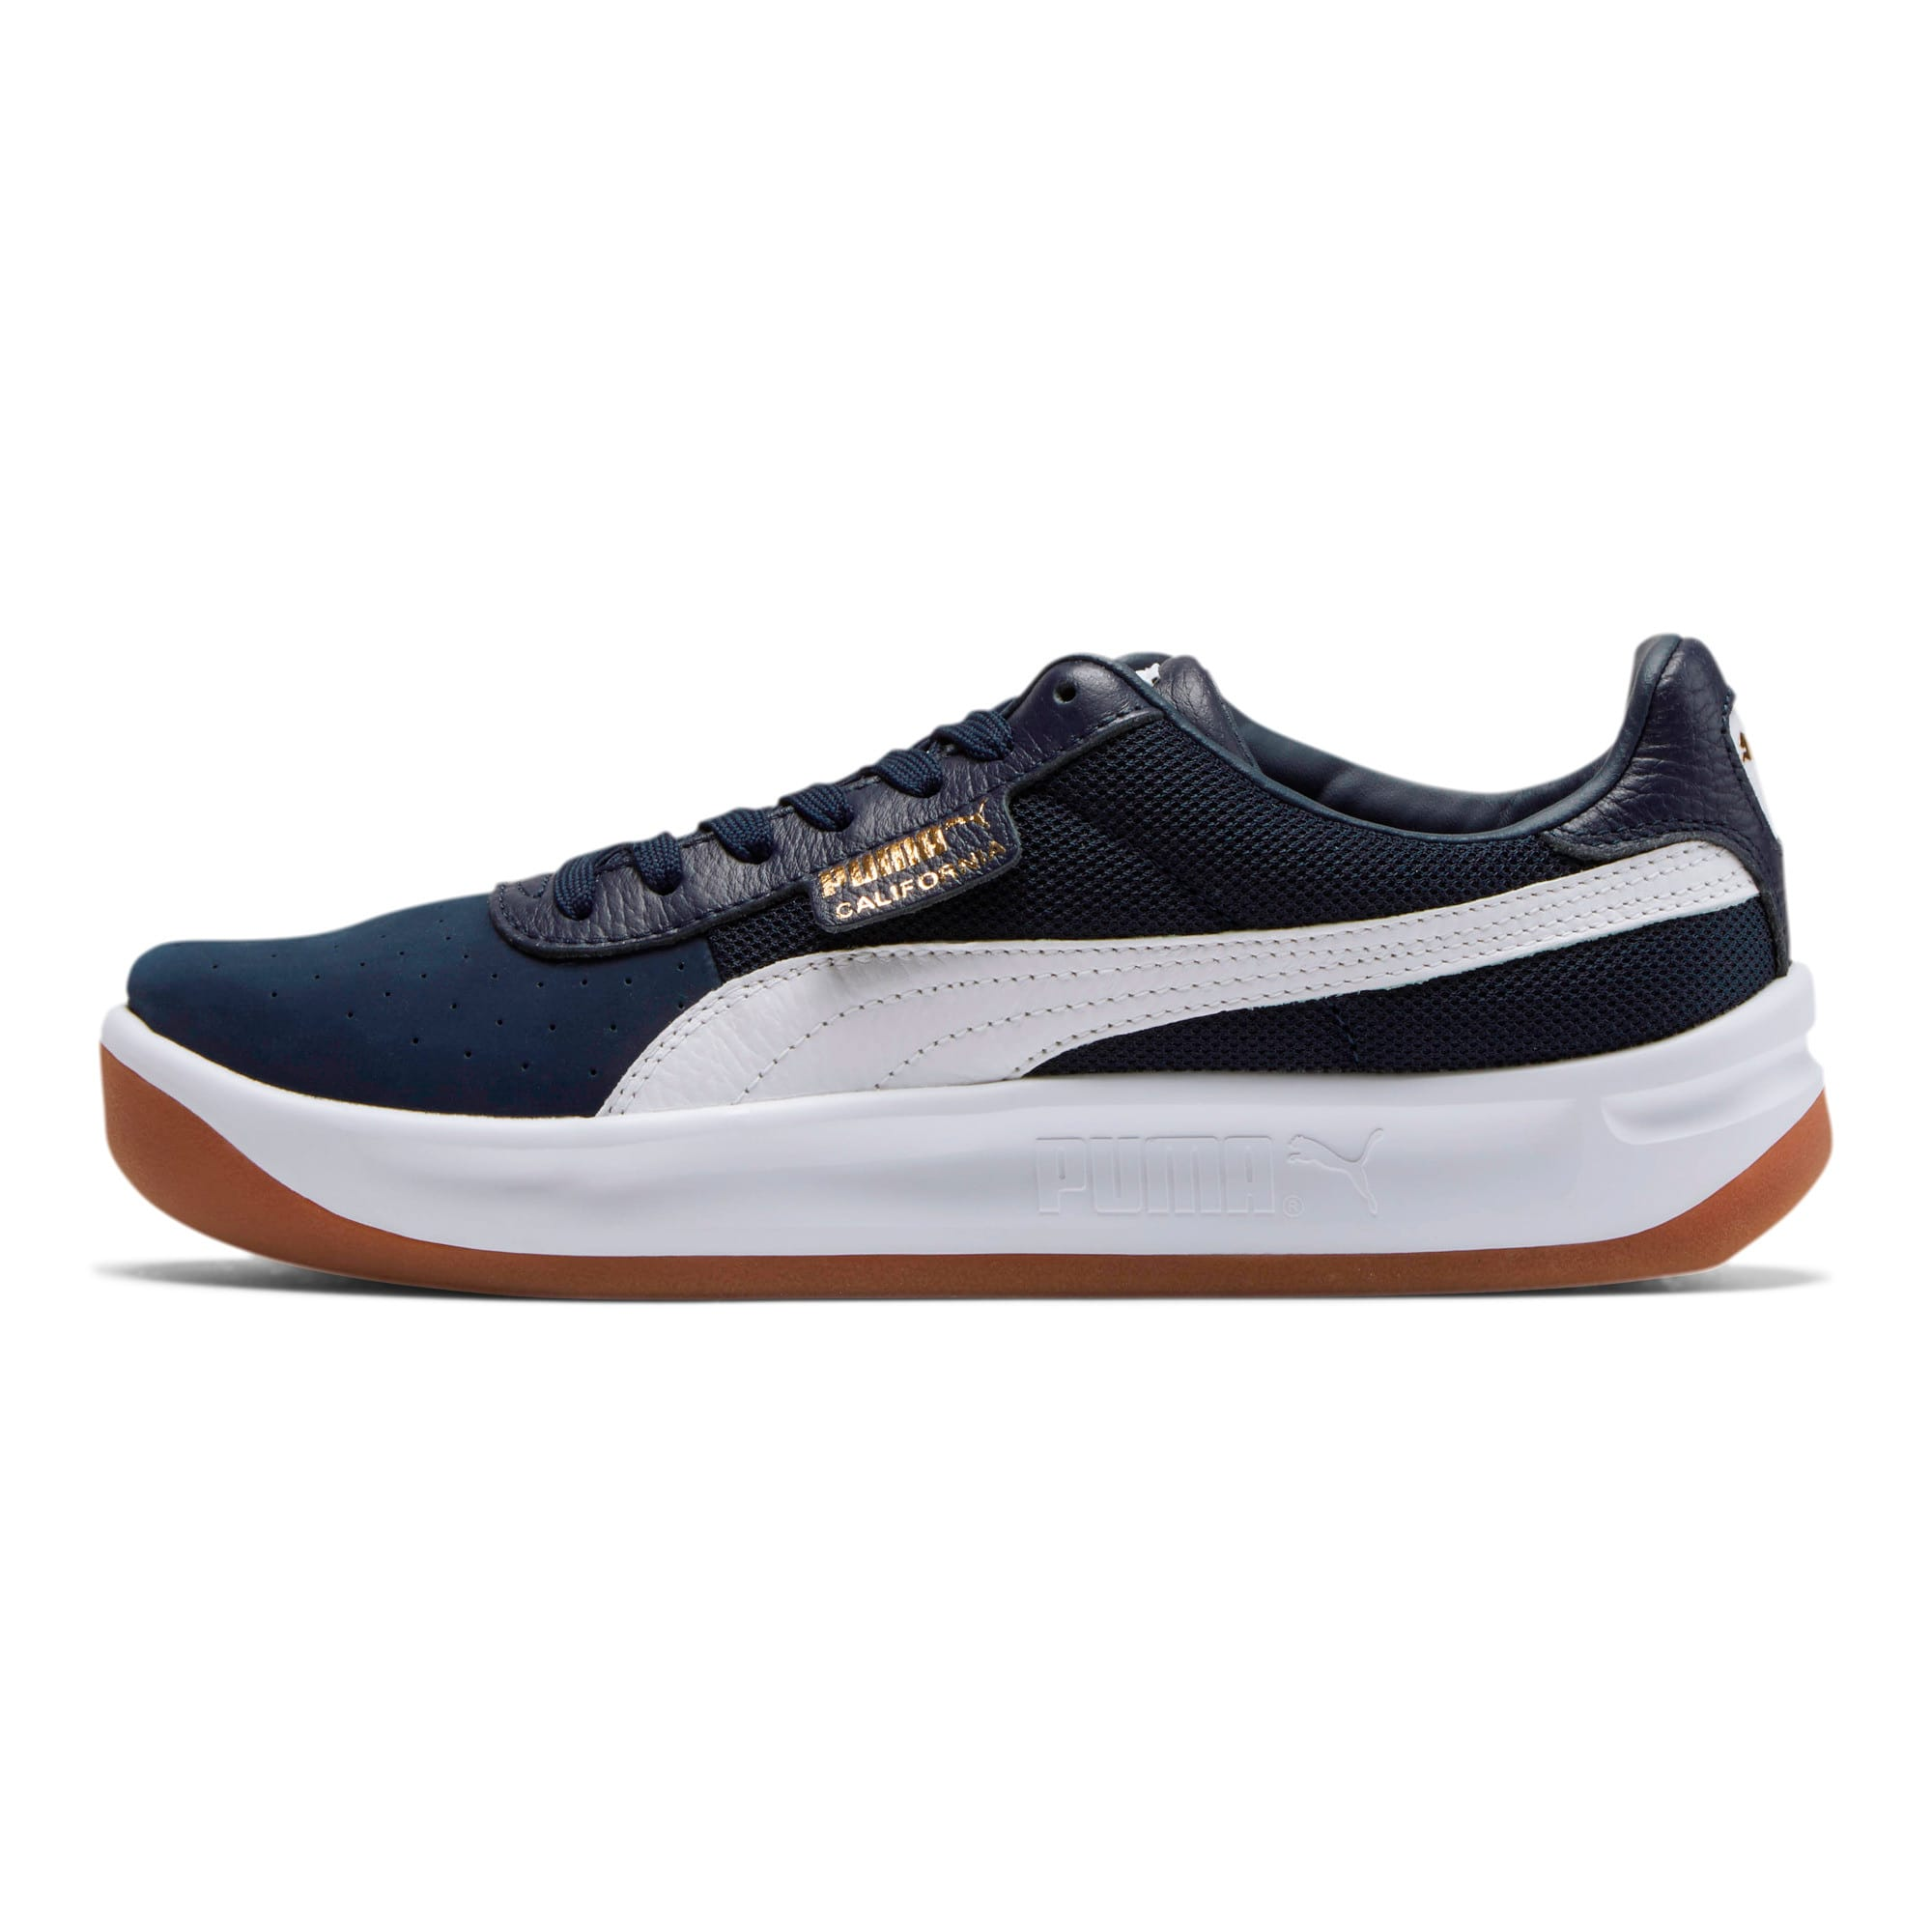 Thumbnail 1 of California Casual Sneakers, Peacoat-Puma White, medium